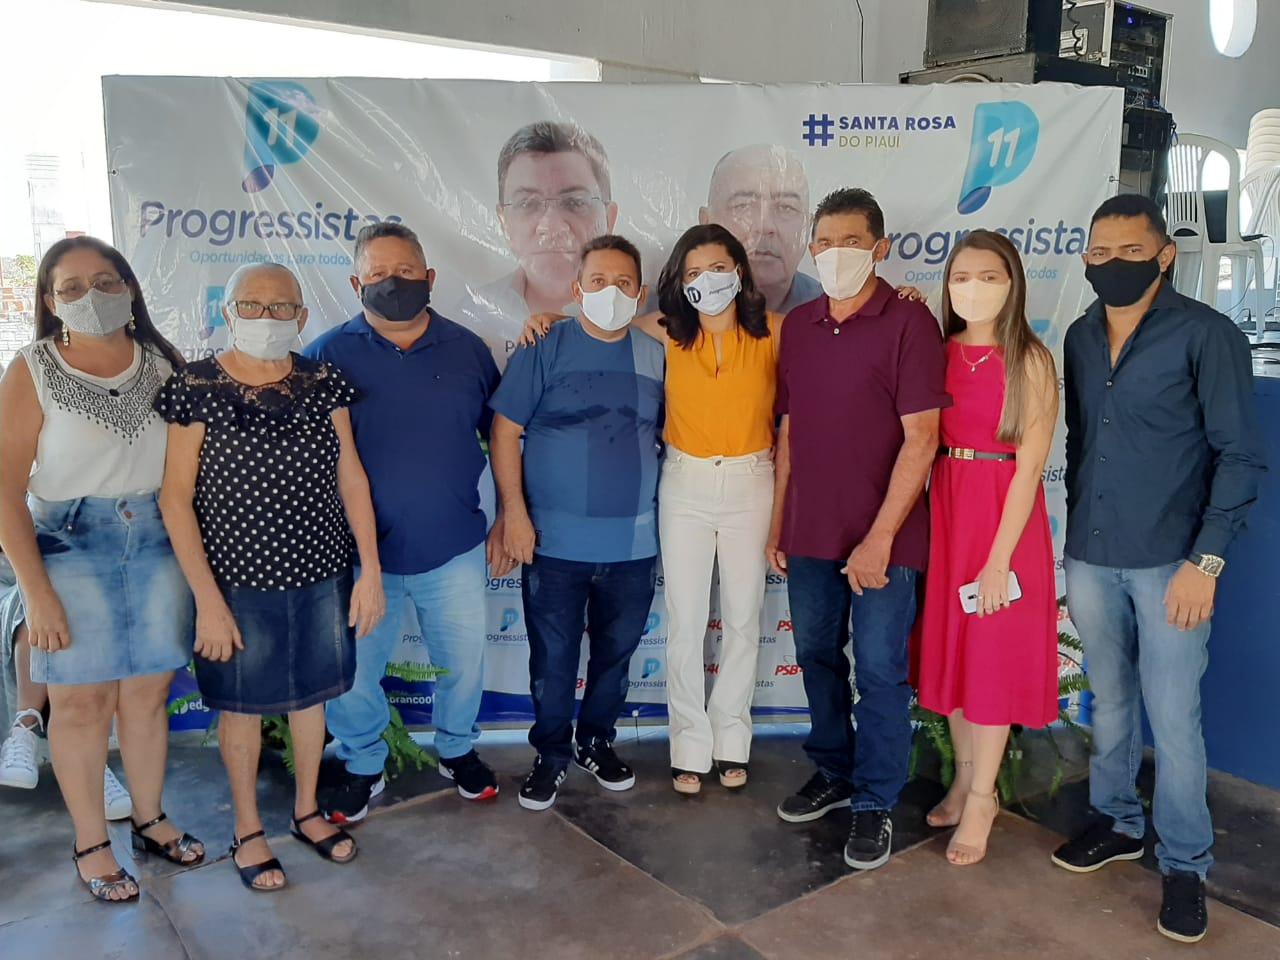 PP realiza convenção e lança Edgar Castelo Branco e Mundô em Santa Rosa-PI 6